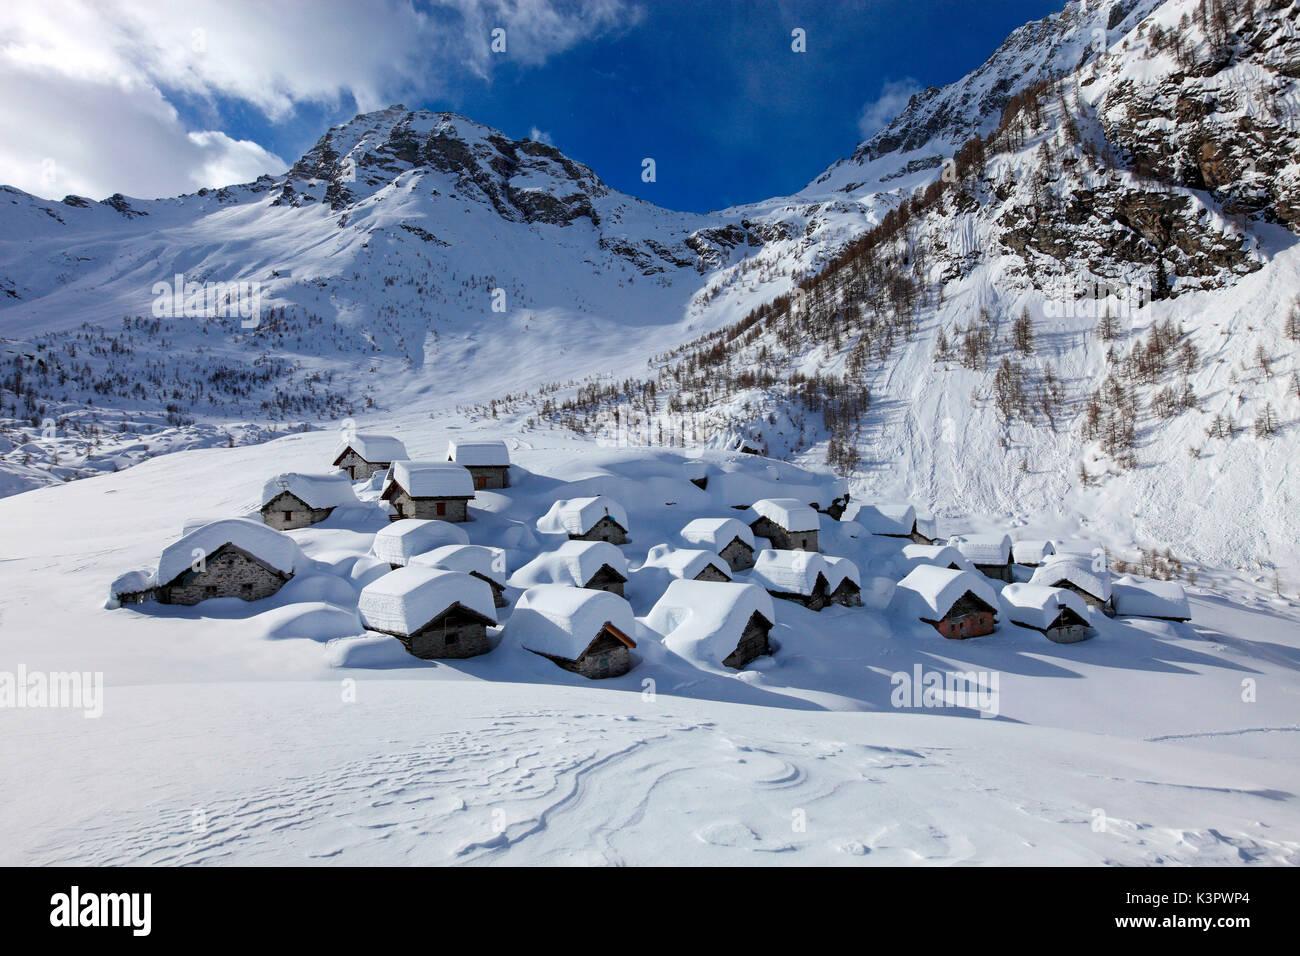 Alpe Lendine village in inverno, Valle Spluga, provincia di Sondrio, Lombardia, Italia Foto Stock